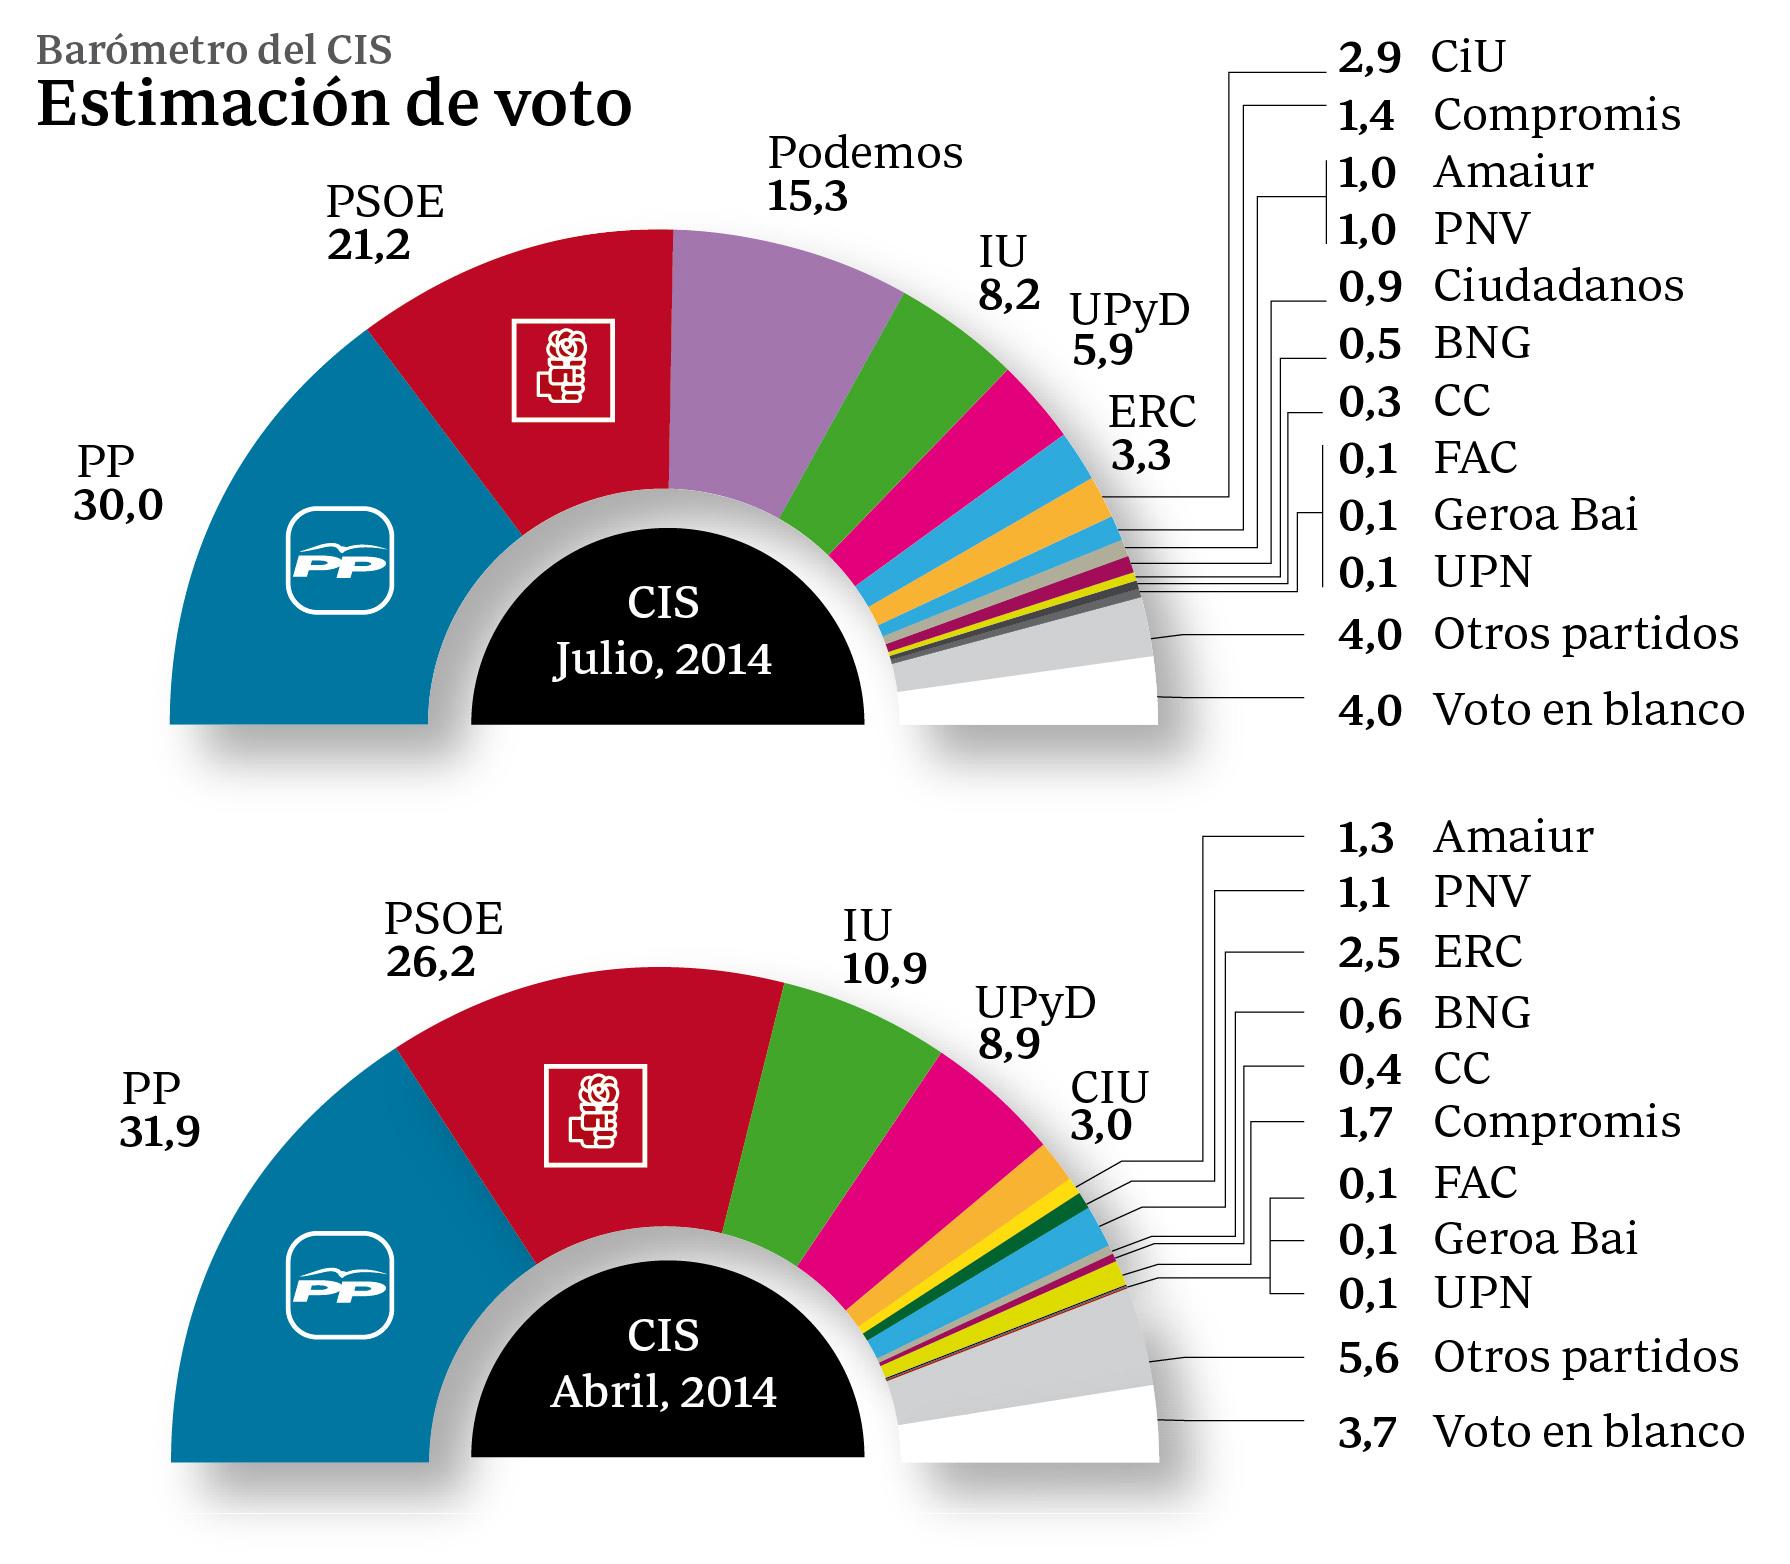 El PP aumenta su ventaja sobre el PSOE a 8,8 puntos, según la encuesta electoral del CIS